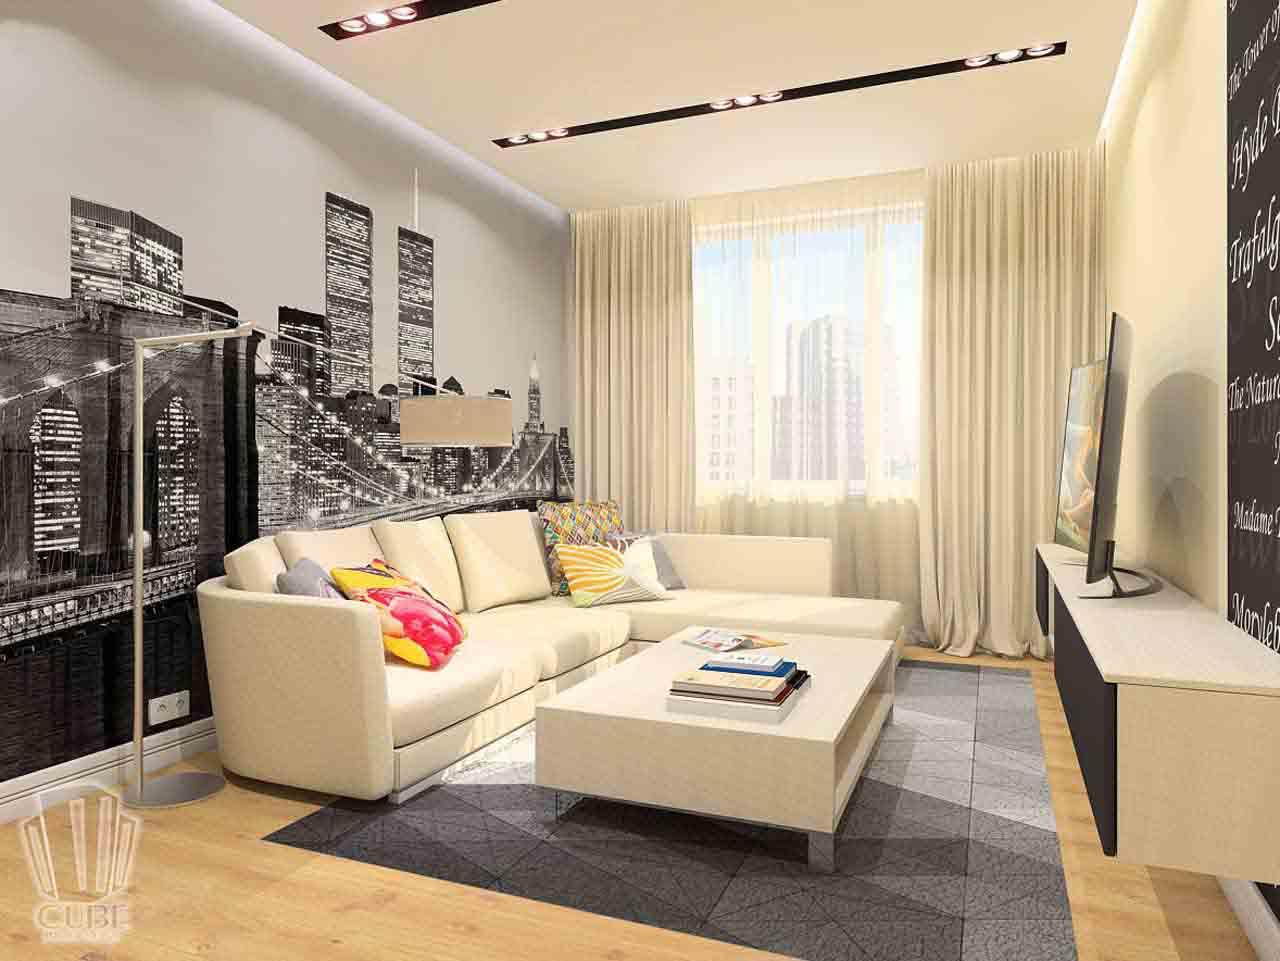 Дизайн интерьера в Тюмени м-н Преображенский Яркая квартира для друзей (9)